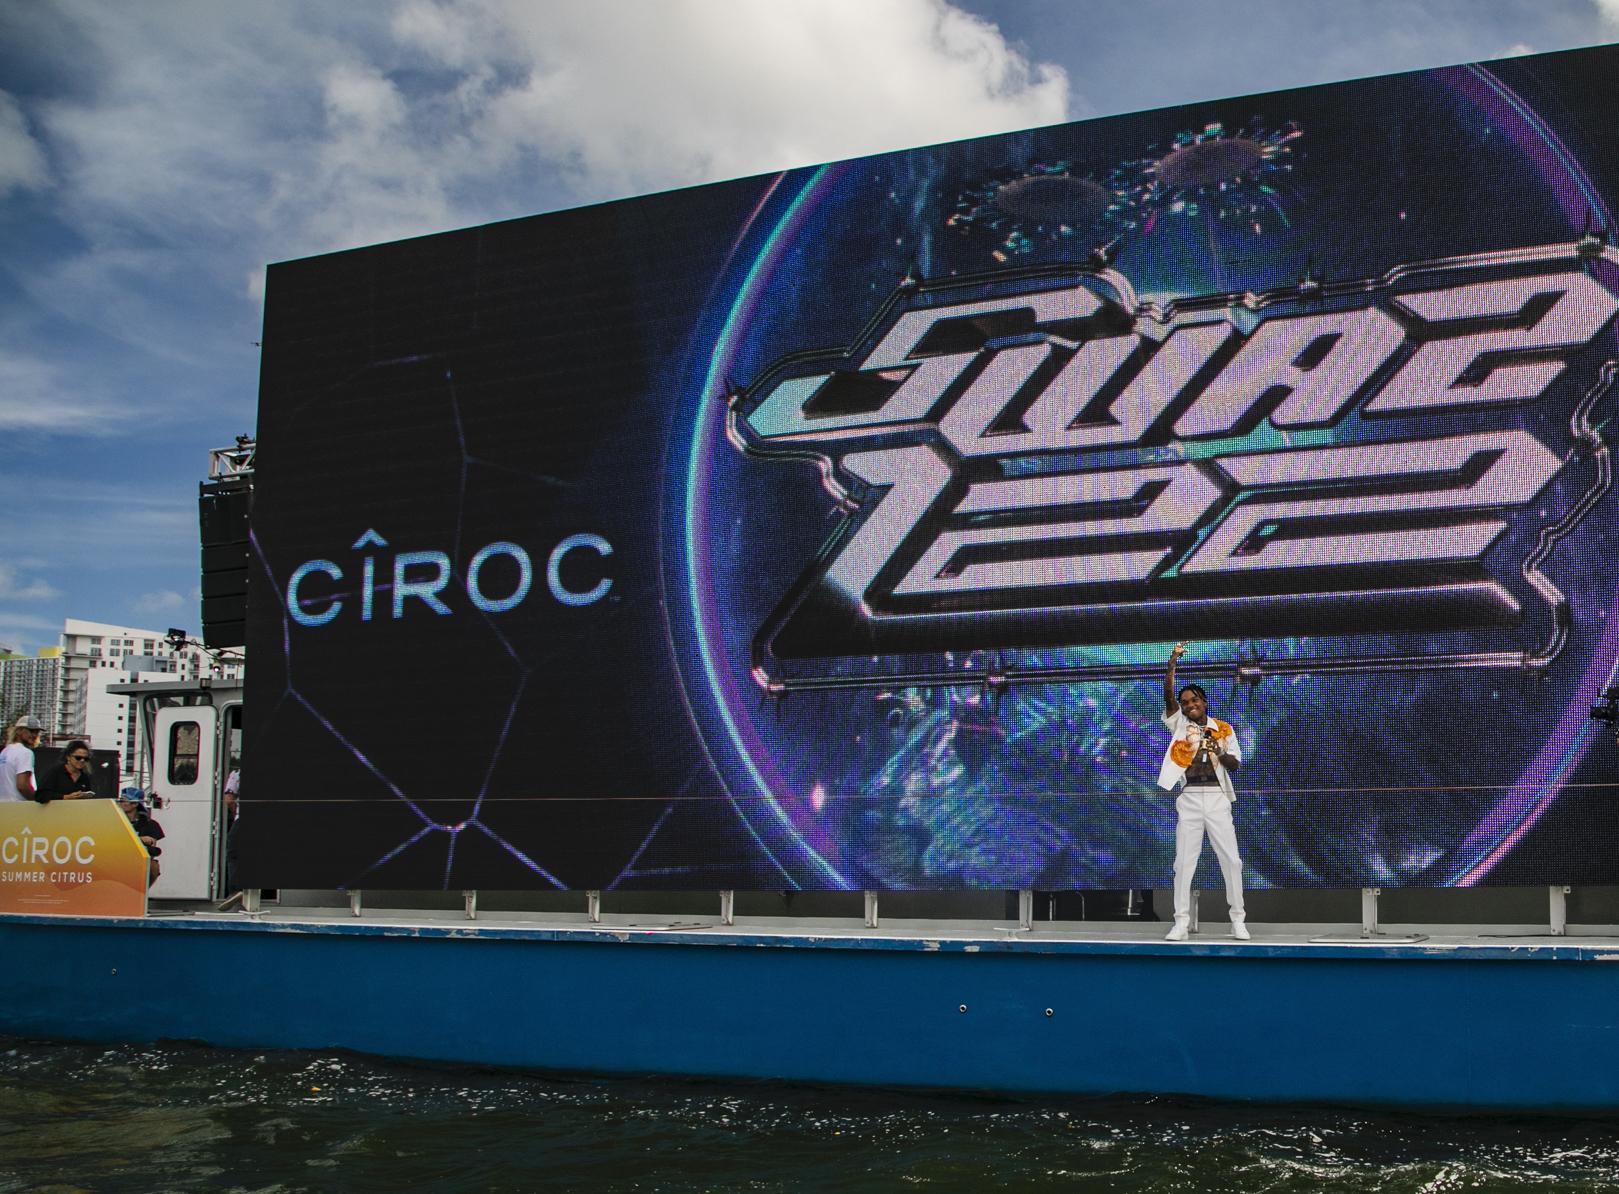 Diamante Swae Lee arrasó durante su presentación en vivo sobre un yate, en Miami. Durante el evento CÎROC Sounds of Summer, el cantante interpretó algunos de su temas más populares del verano para traer la buena vibra a la playa y dar inicio a sus celebraciones de cumpleaños.